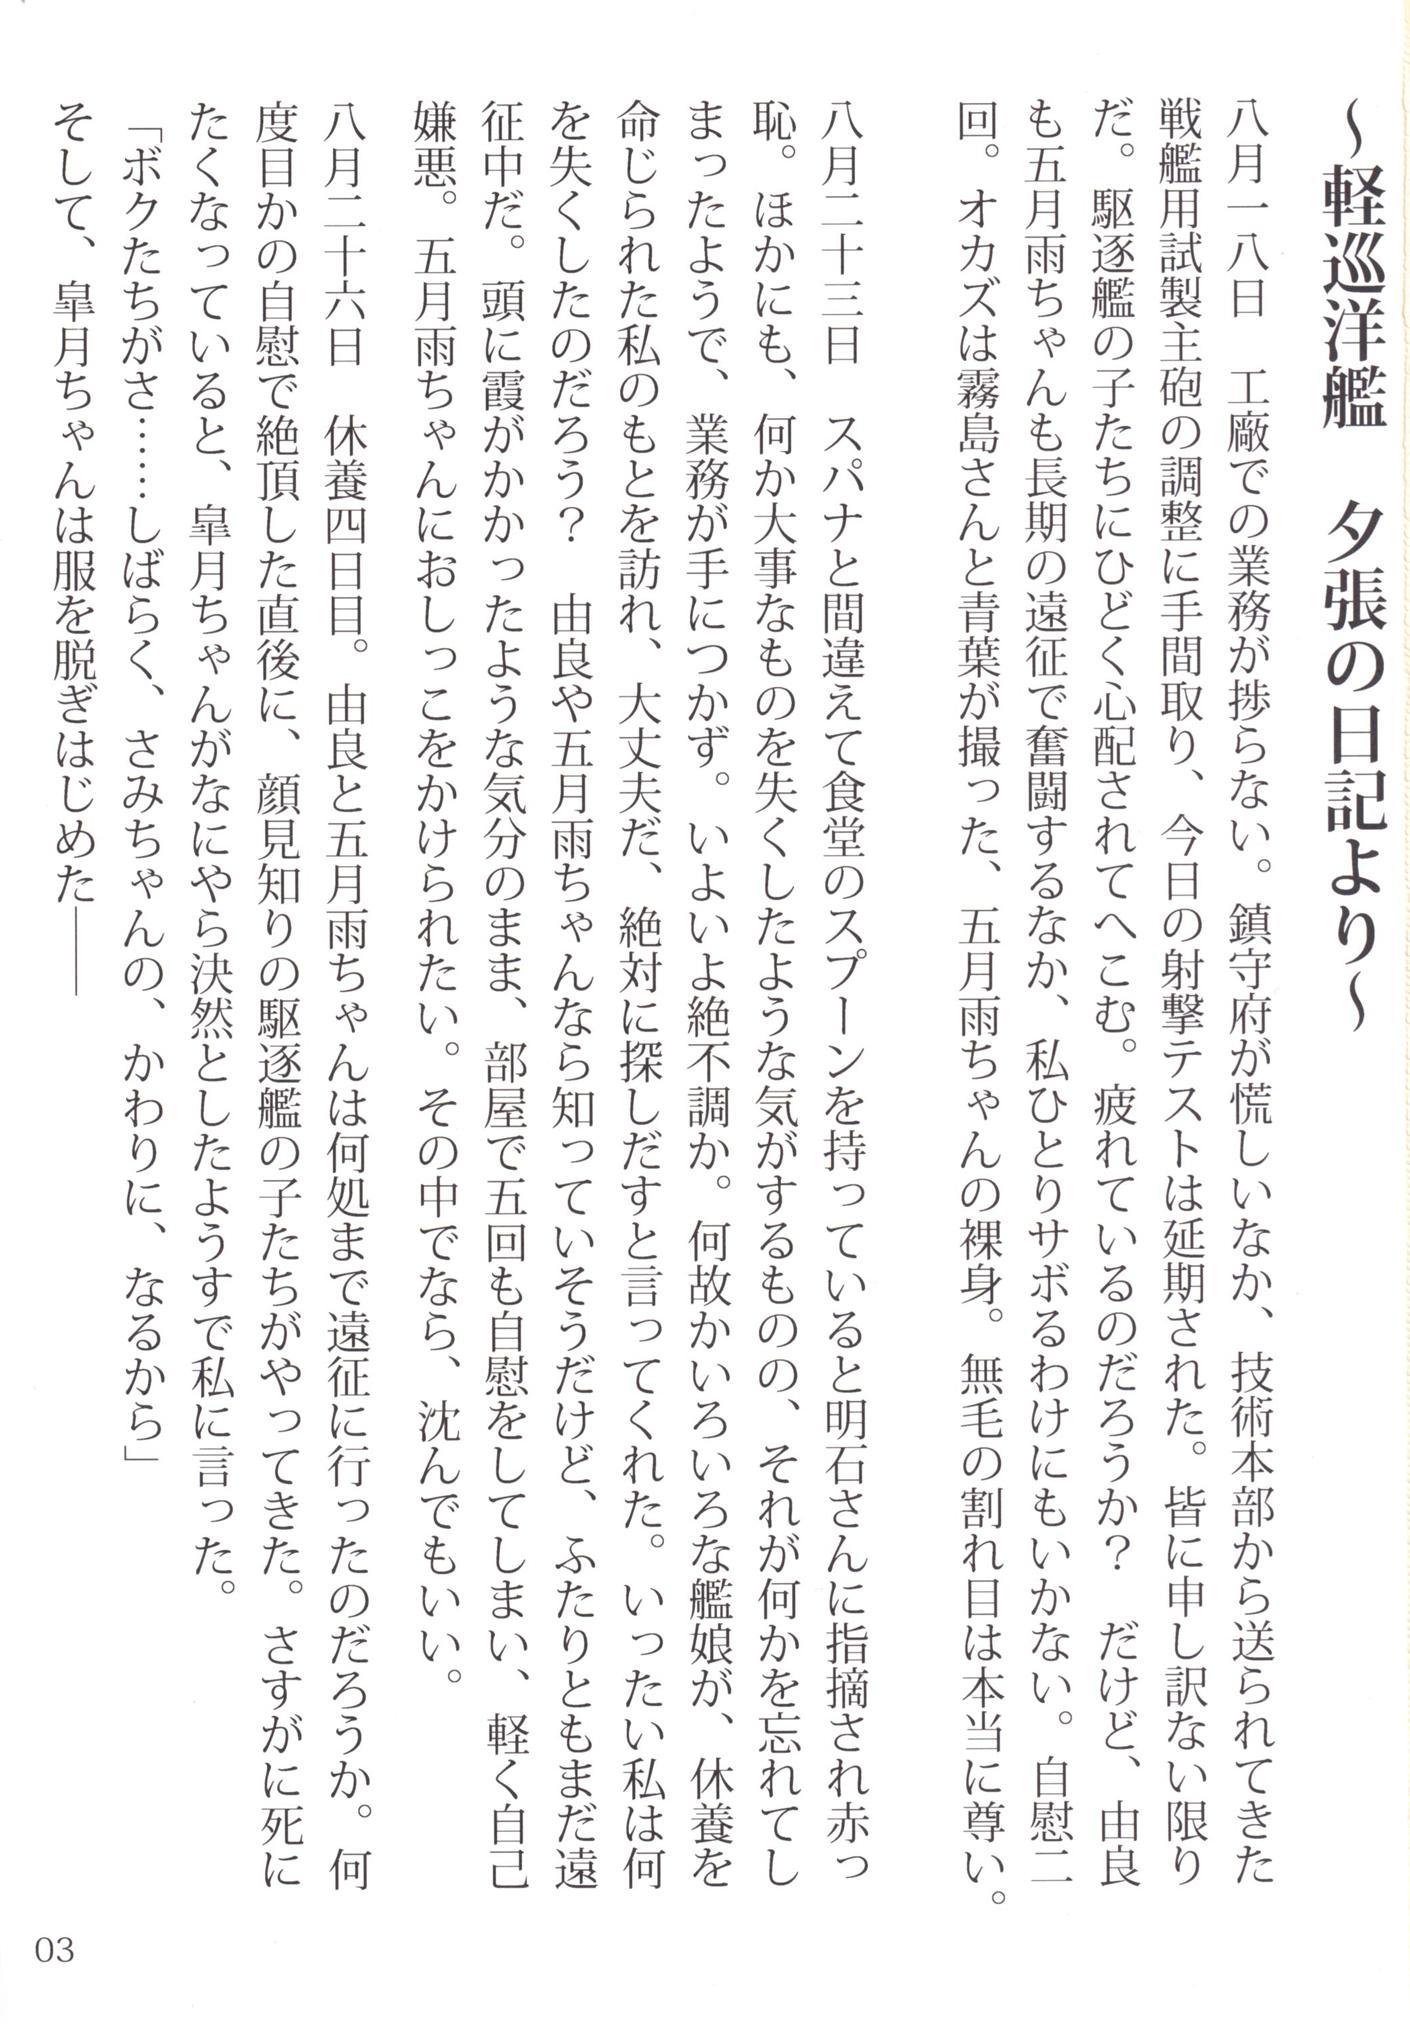 Oshikkollection Kuchikukan Hen San 1